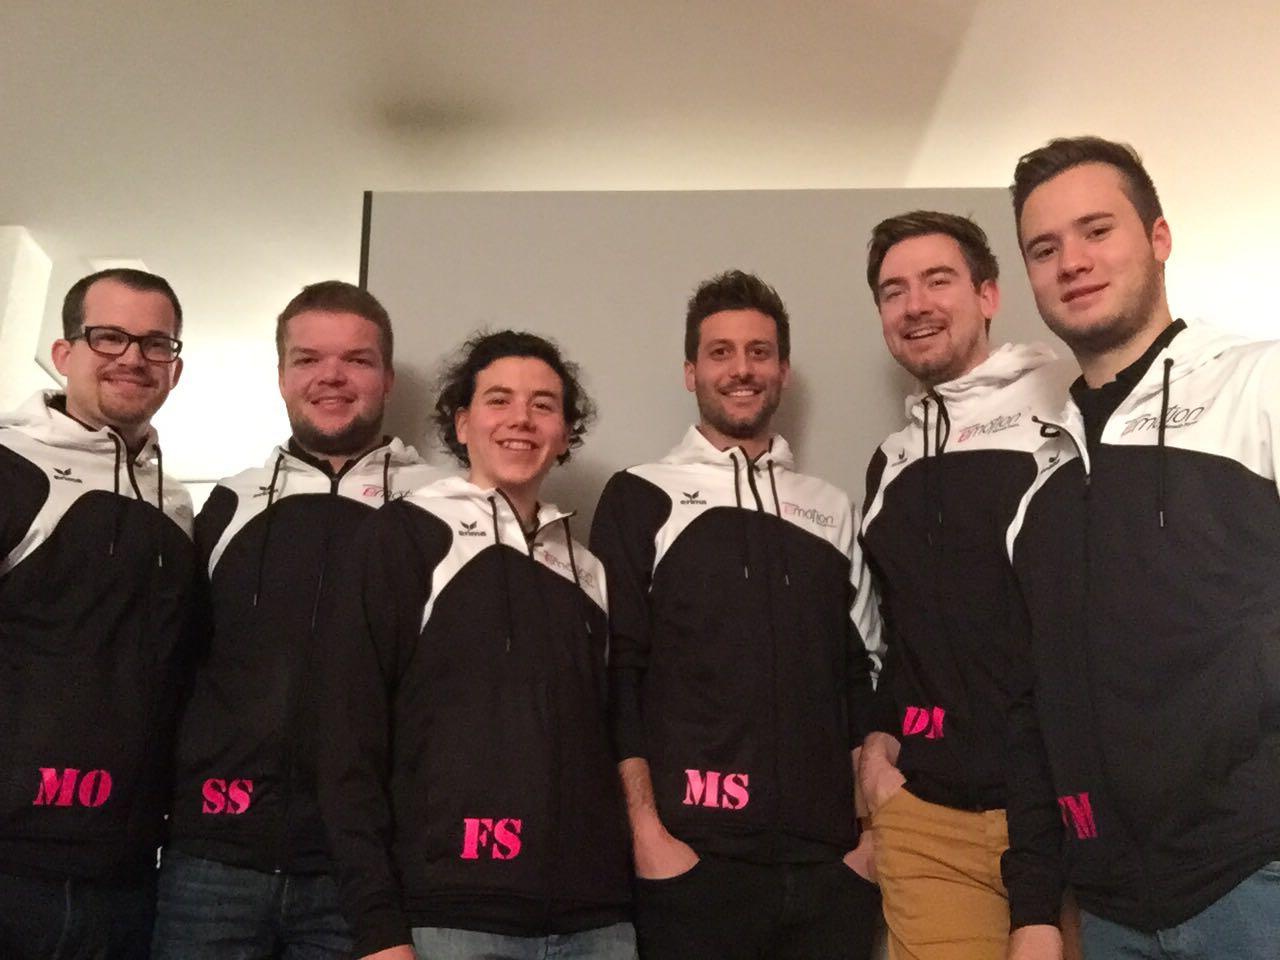 Vorstand einstimmig wiedergewählt - Unihockey emotion Hinwil-Tann